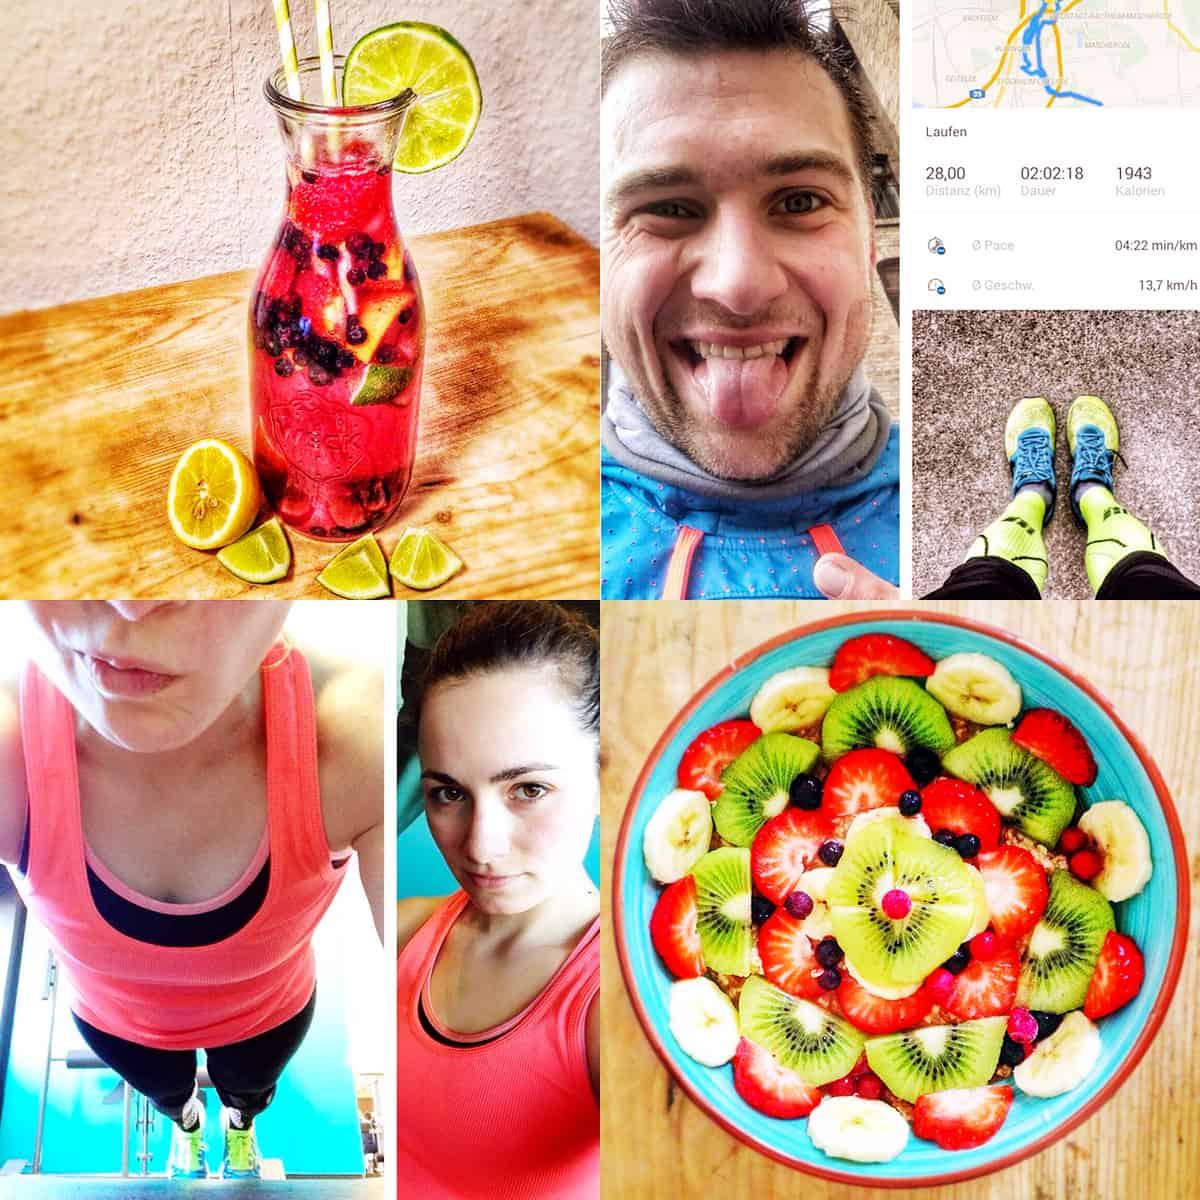 Bester deutscher Instagram Account Laufen von Run Skills